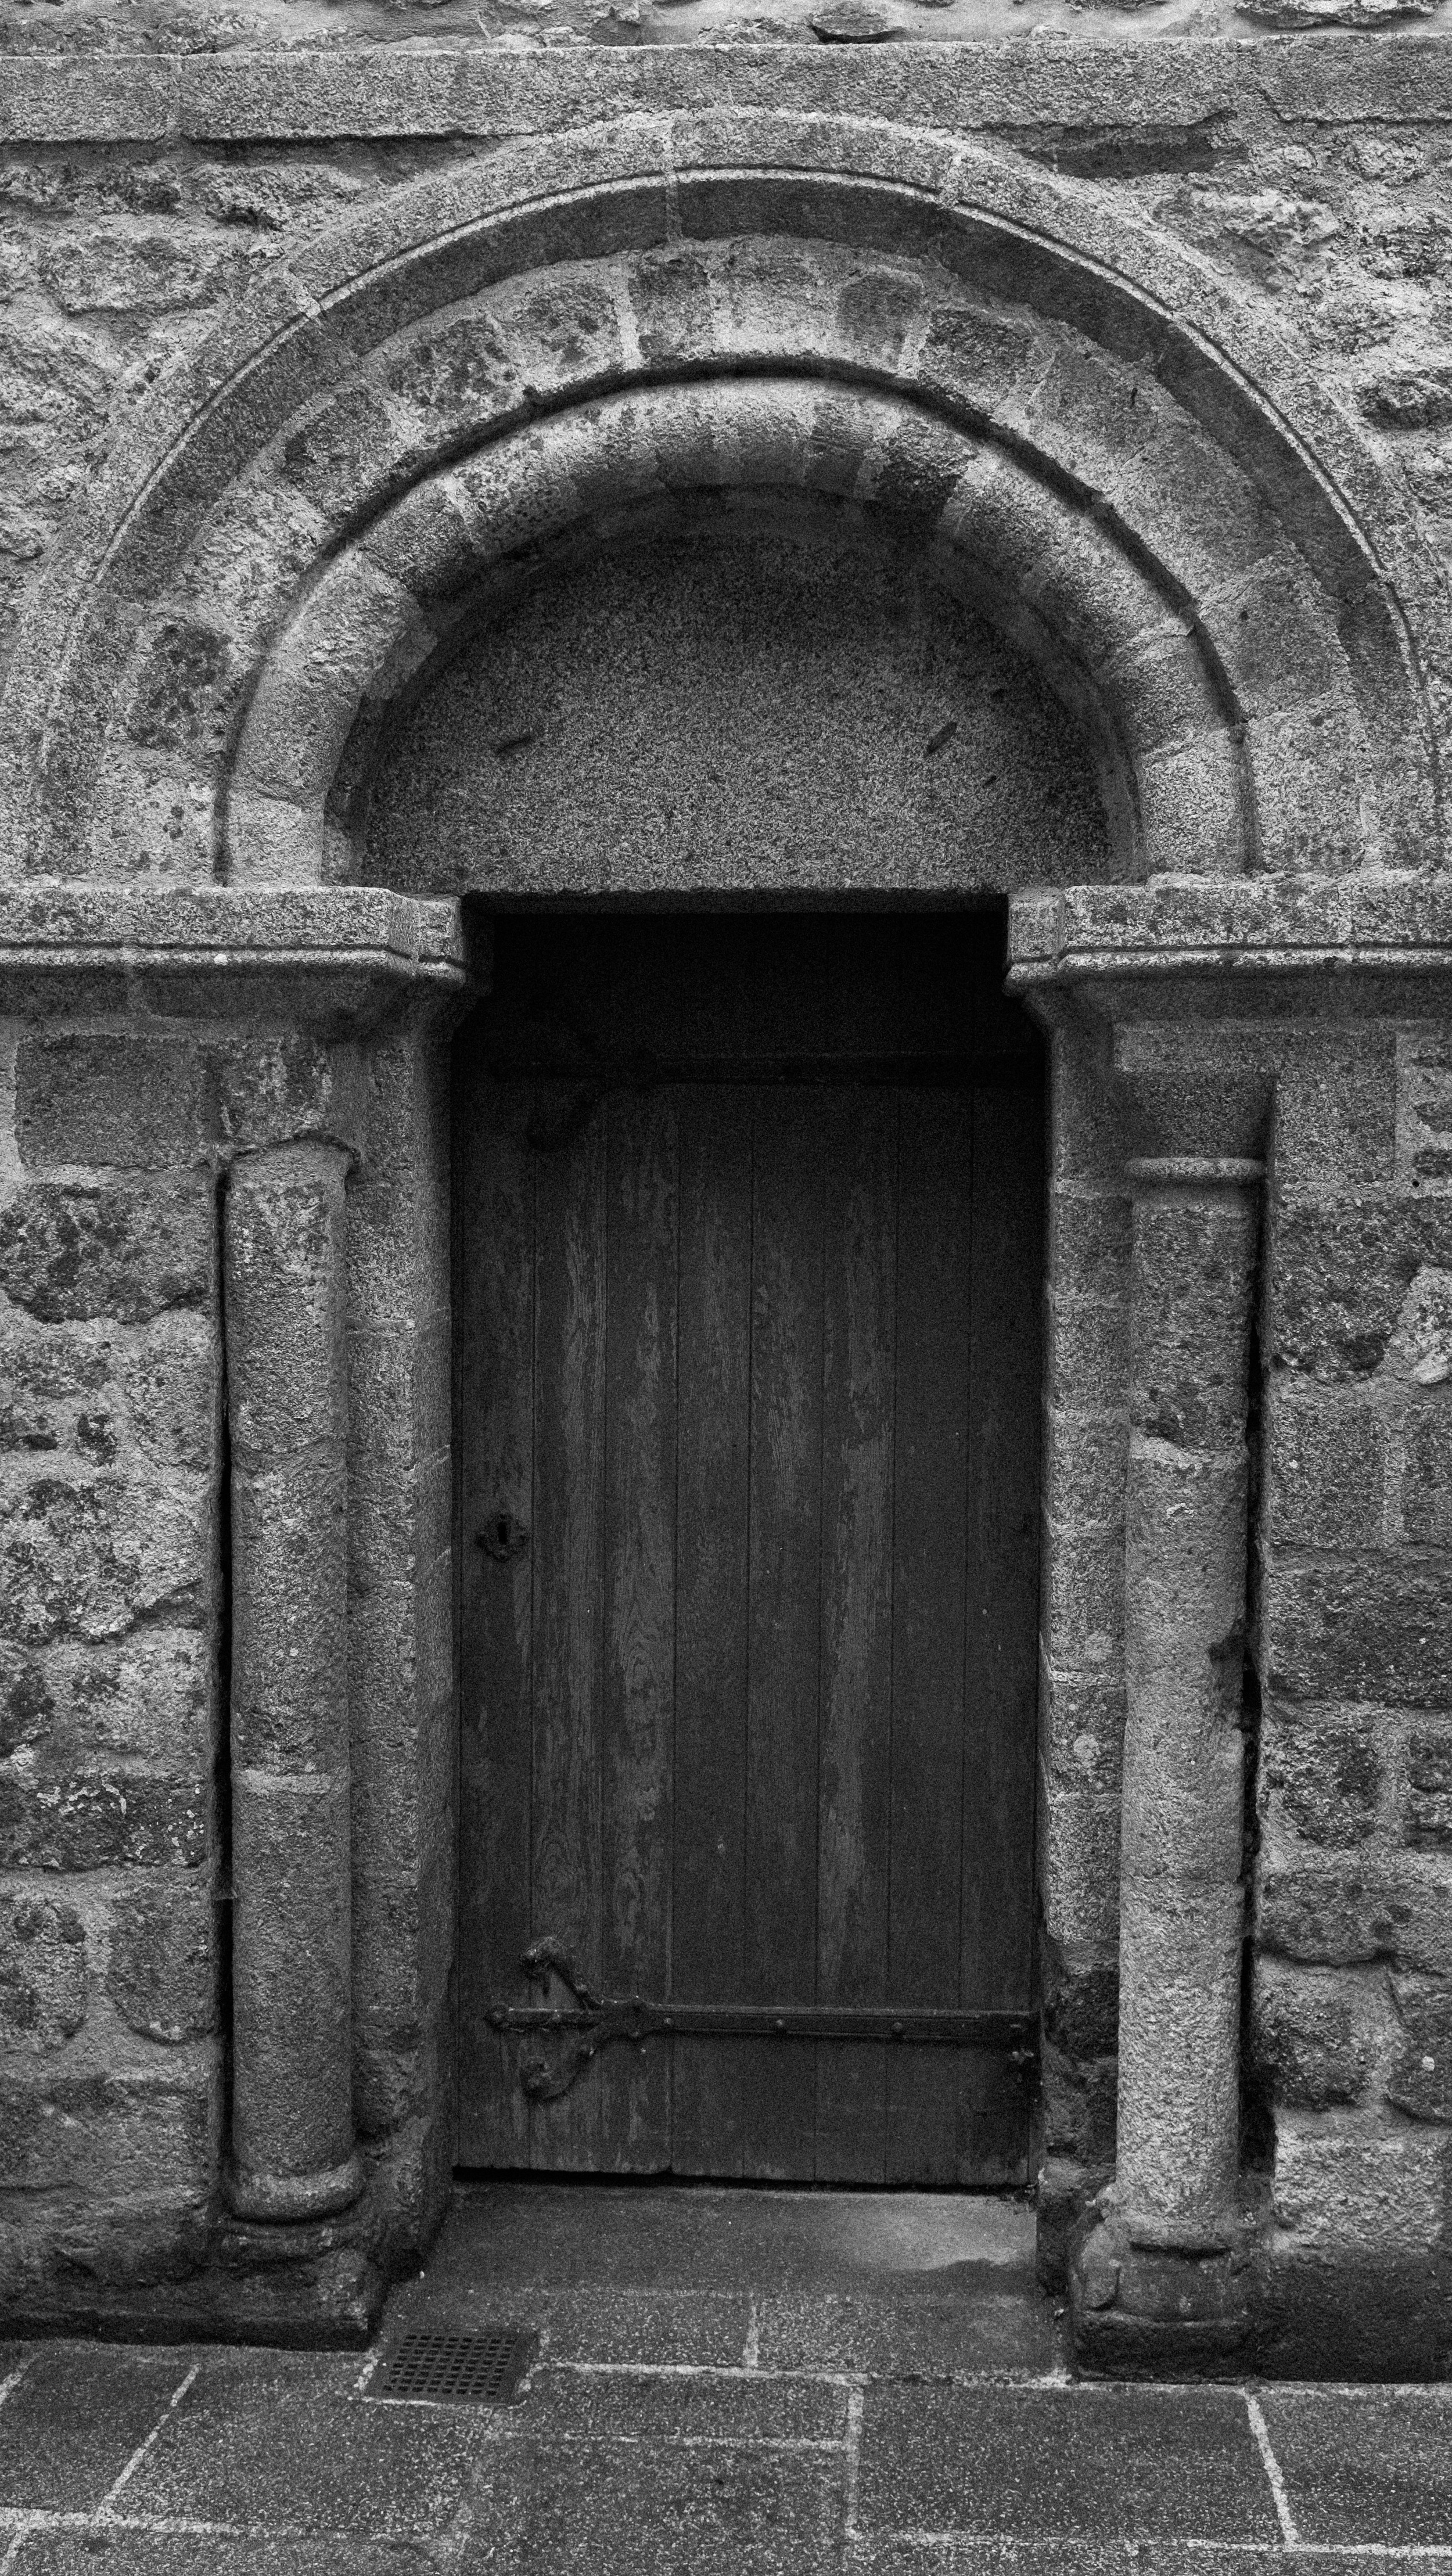 london-britian-cambridge-stmalo-mont-saint-michel-france-normandy-paris-052.jpg